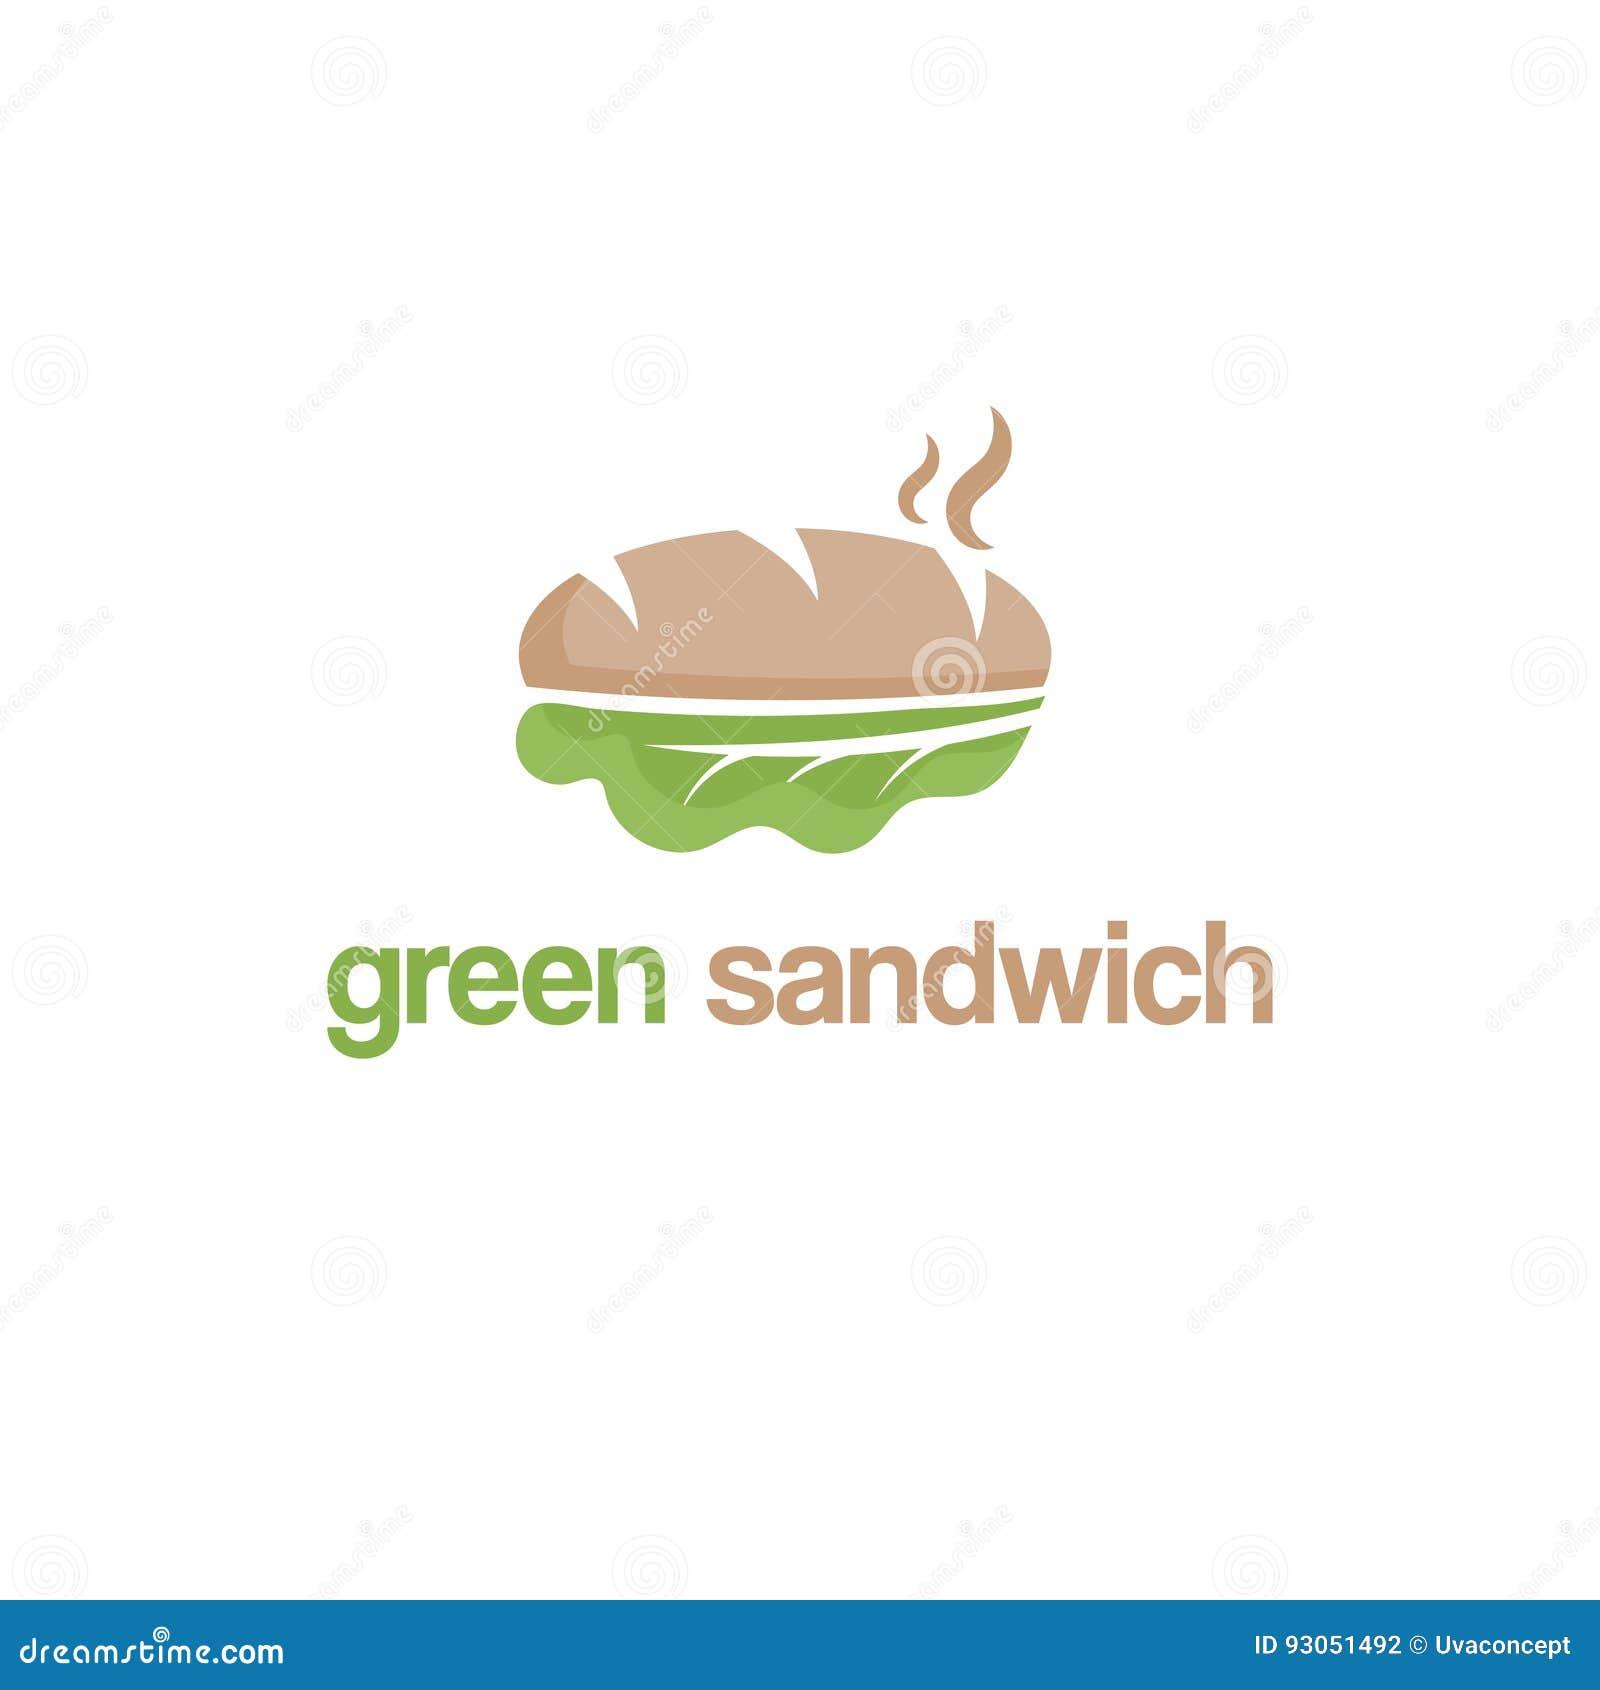 Абстрактный дизайн логотипа шаблона с зеленым сандвичем